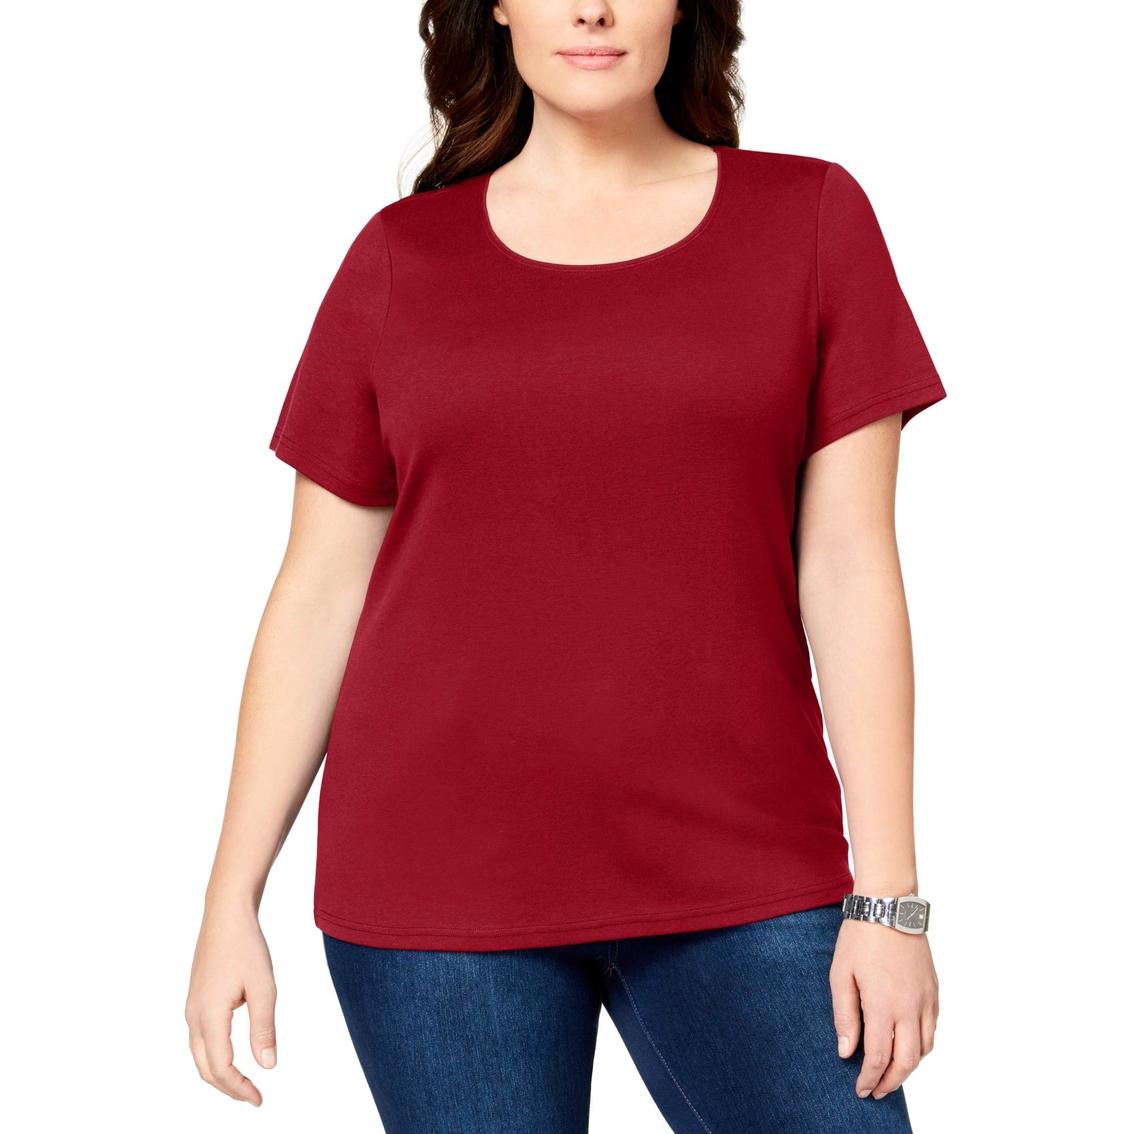 78c728547453d Karen Scott Plus Size Cotton Scoop Neck Tee